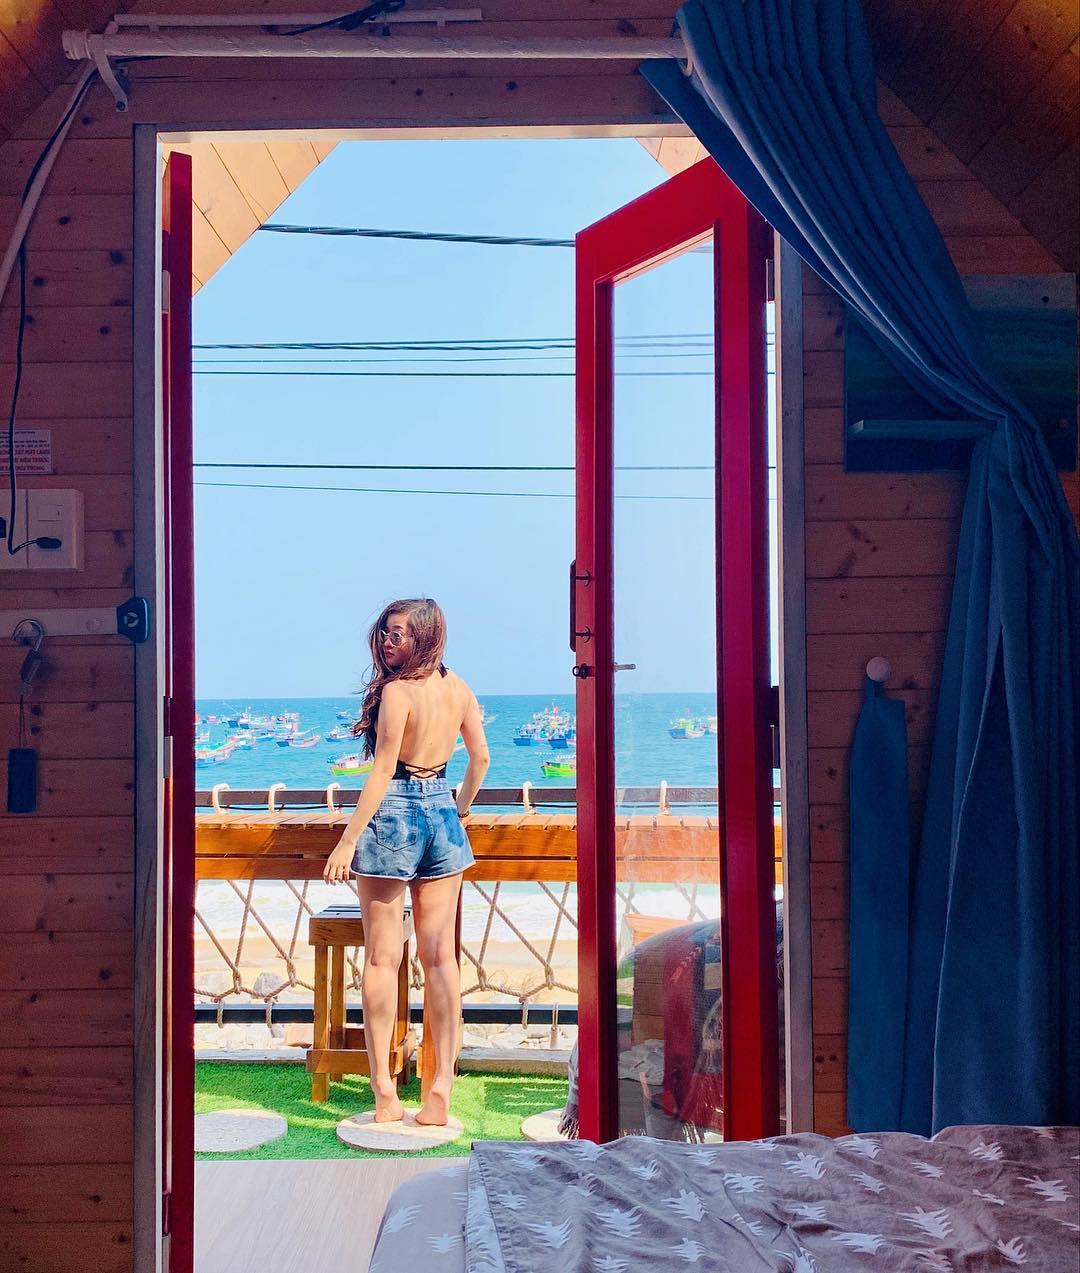 Xinh xắn, đáng yêu với đủ màu sắc thế này có làm tim bạn rung động với La Beach House Homestay Nhơn Lý? Ảnh: @maitron__